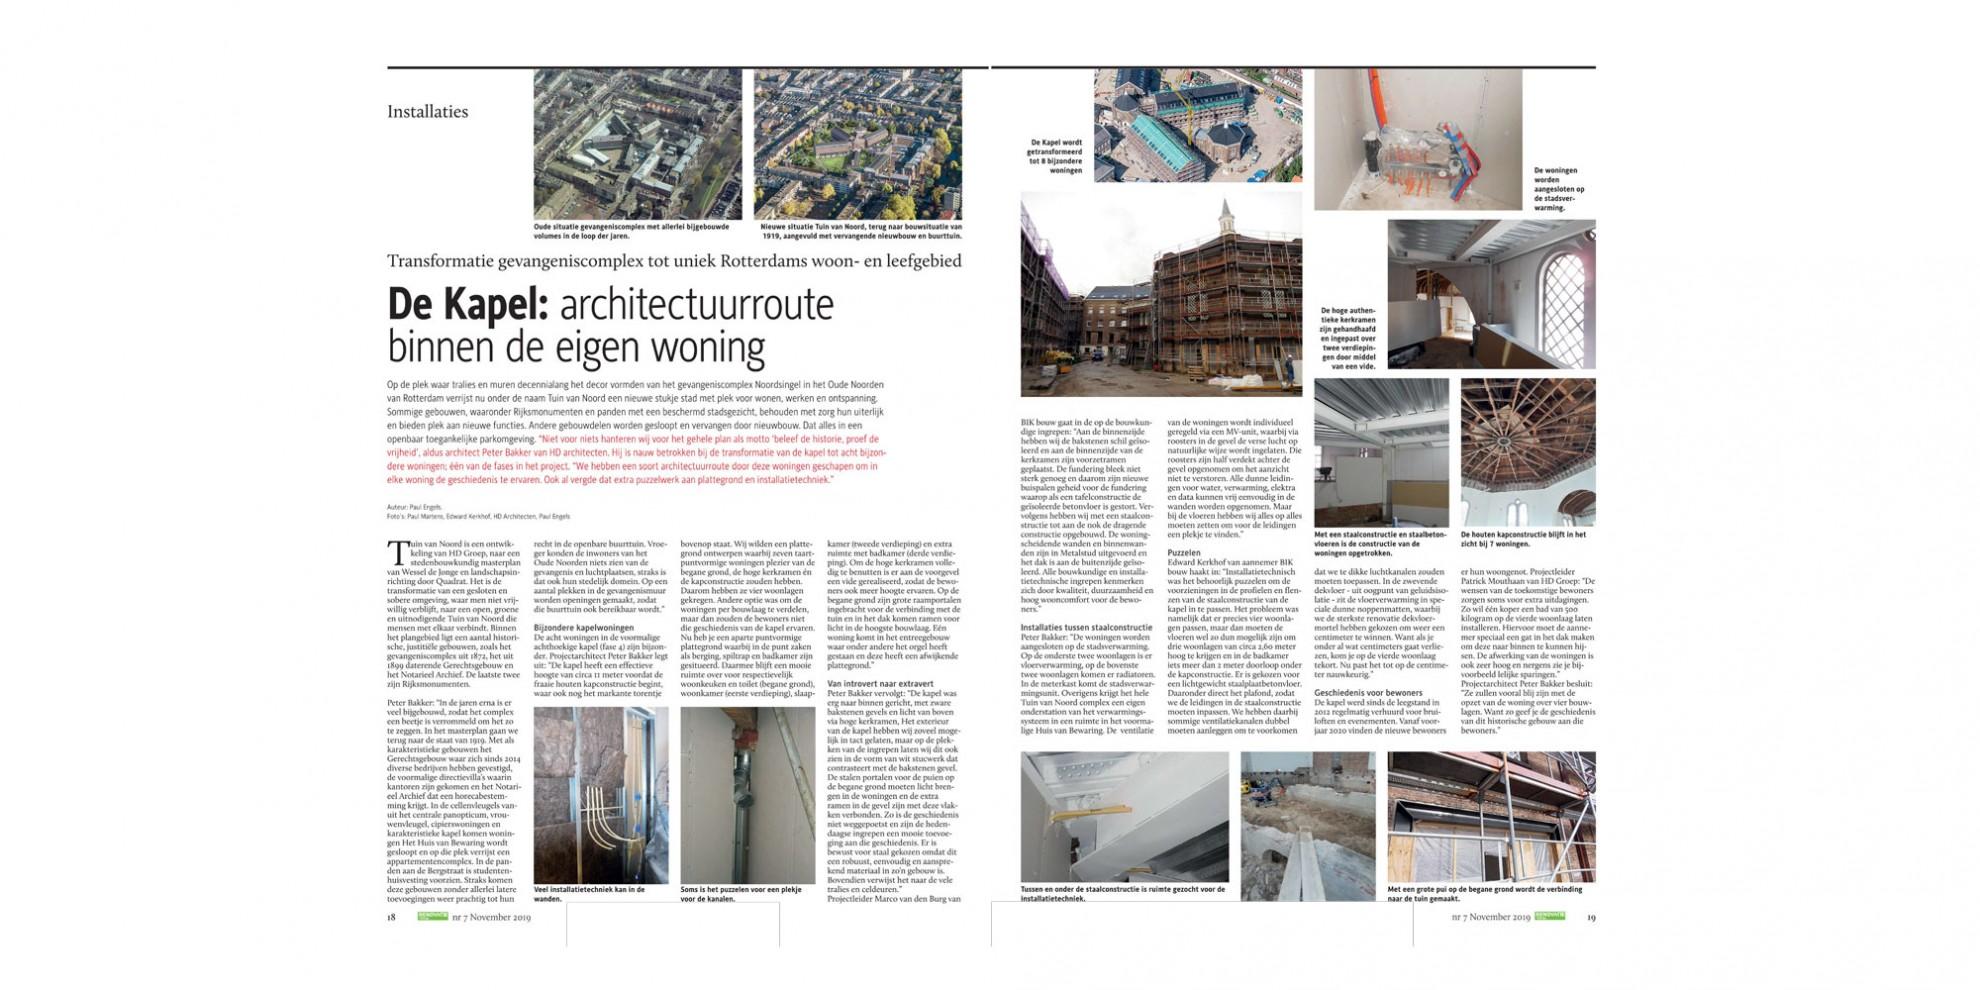 De Kapel: architectuurroute binnen de eigen woning